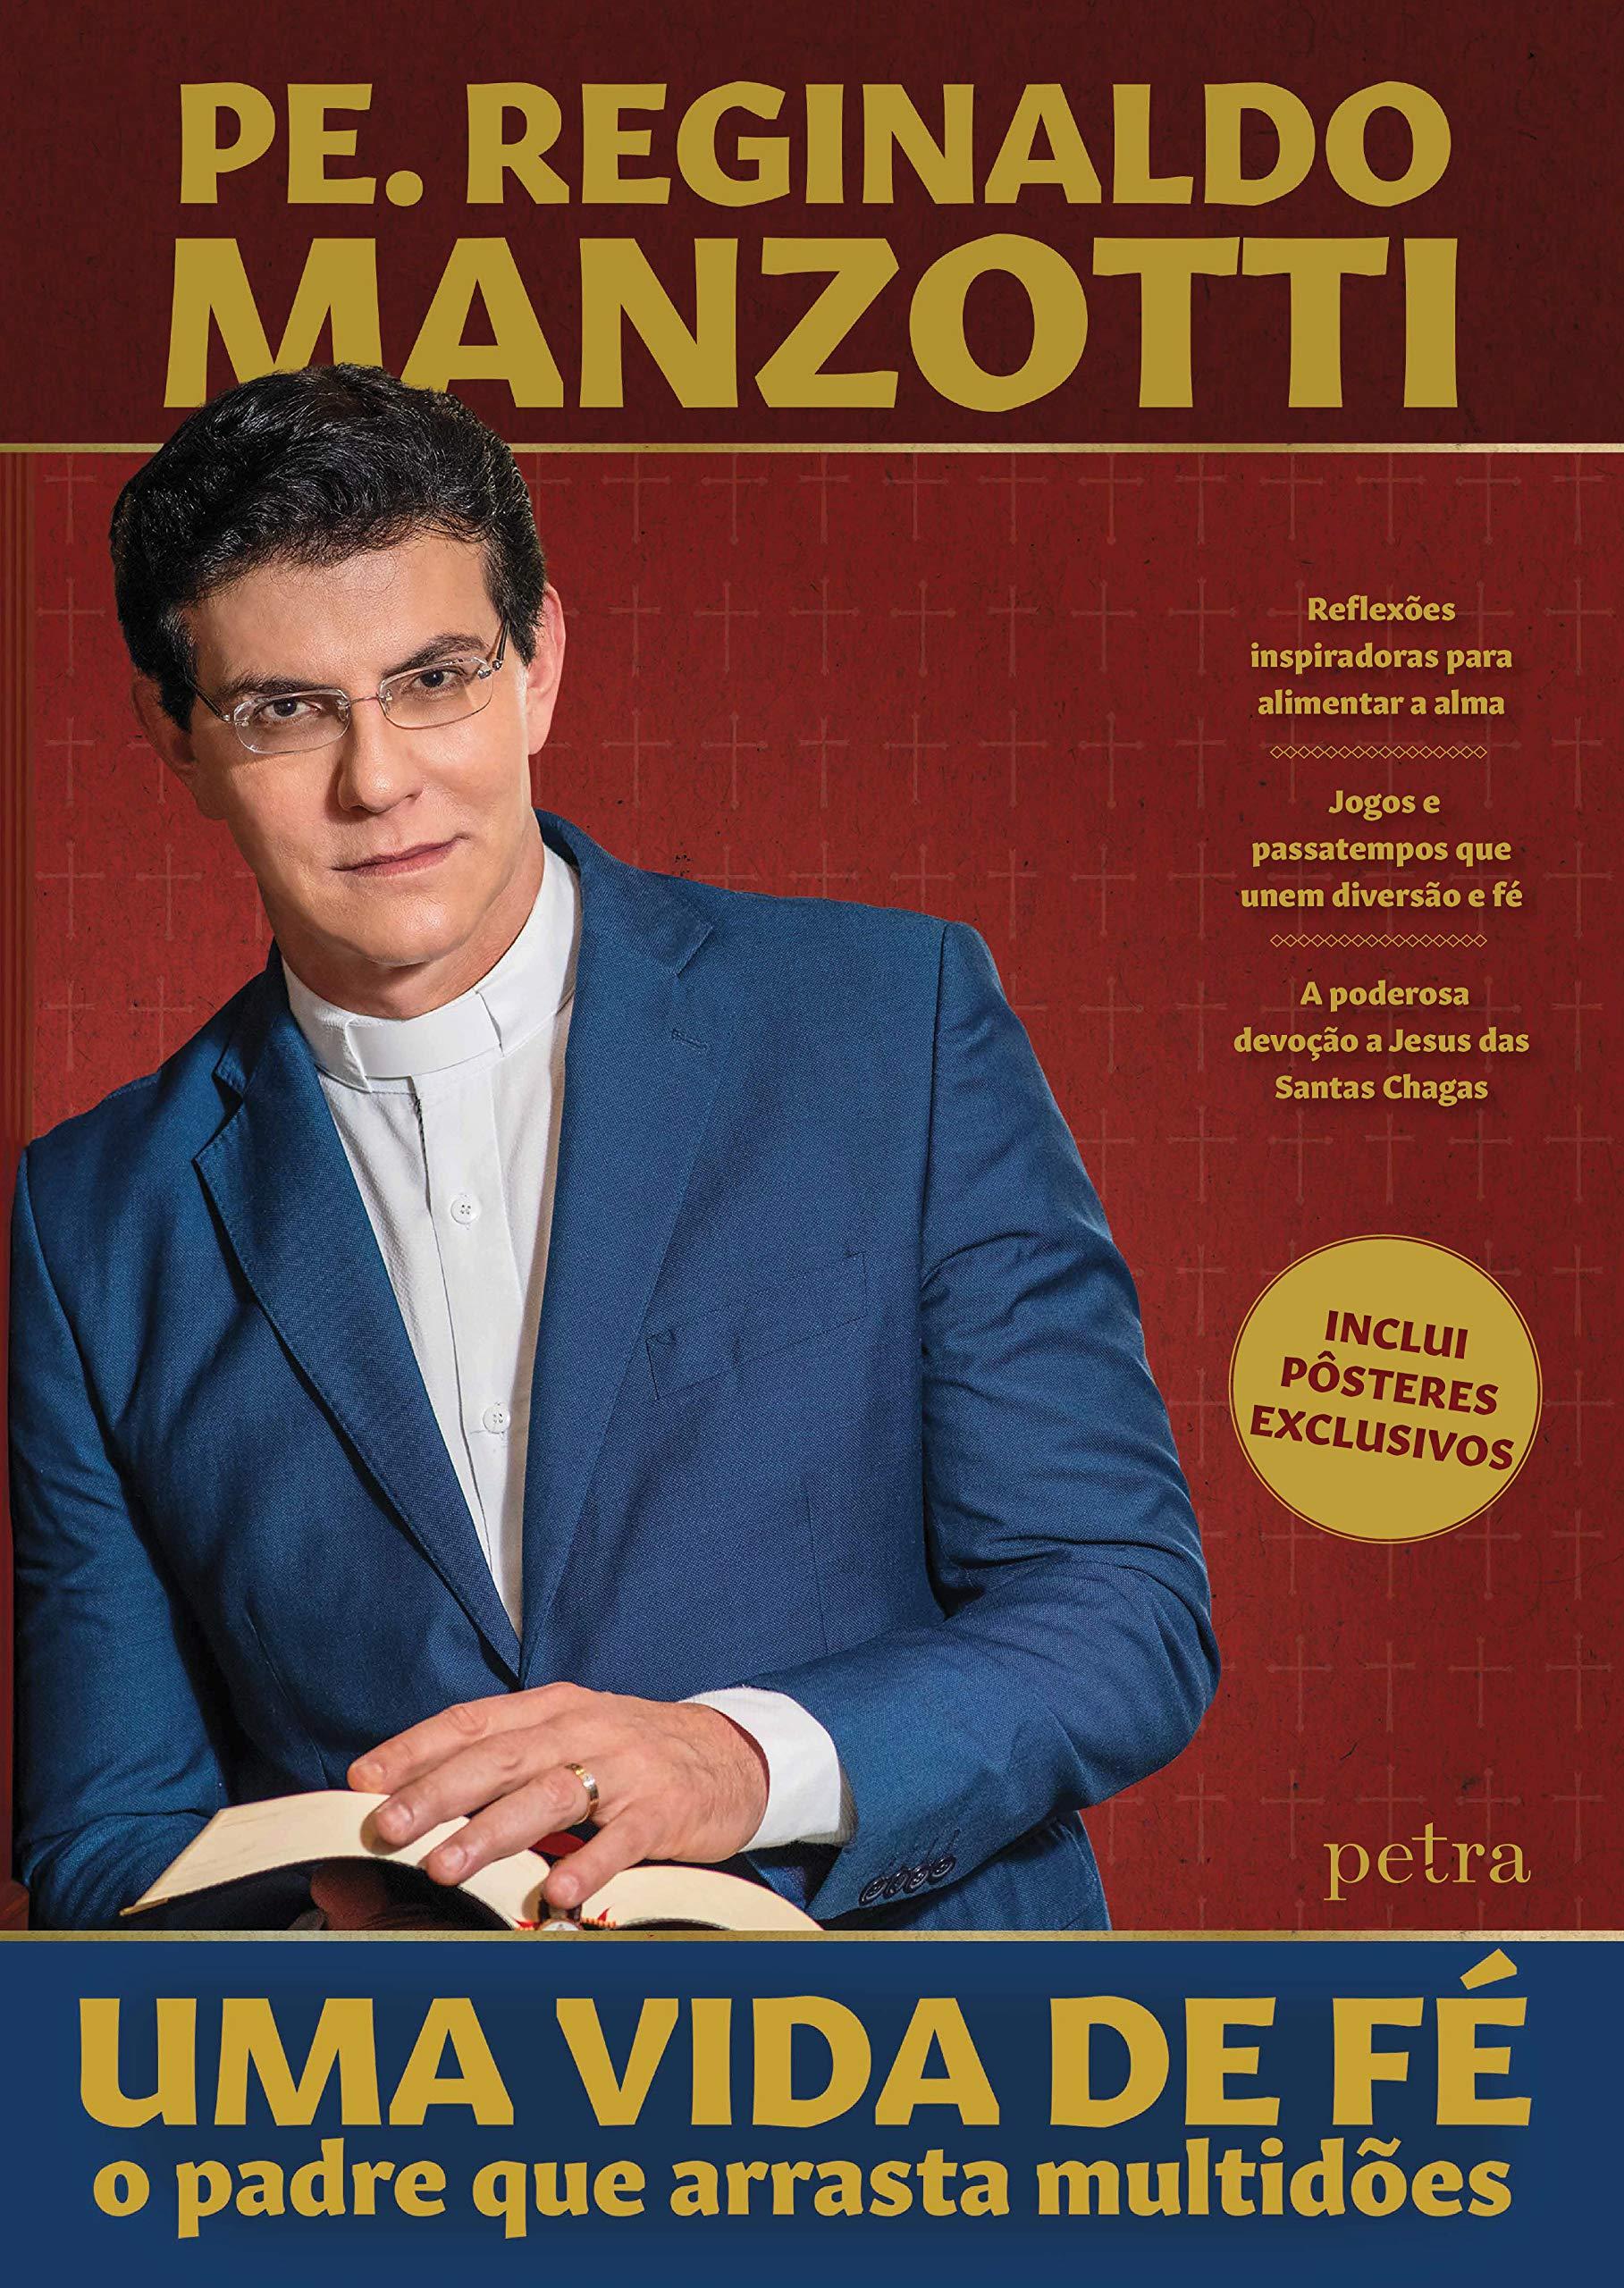 Uma vida de fé: O padre que arrasta multidões - Pe. Reginaldo Manzotti